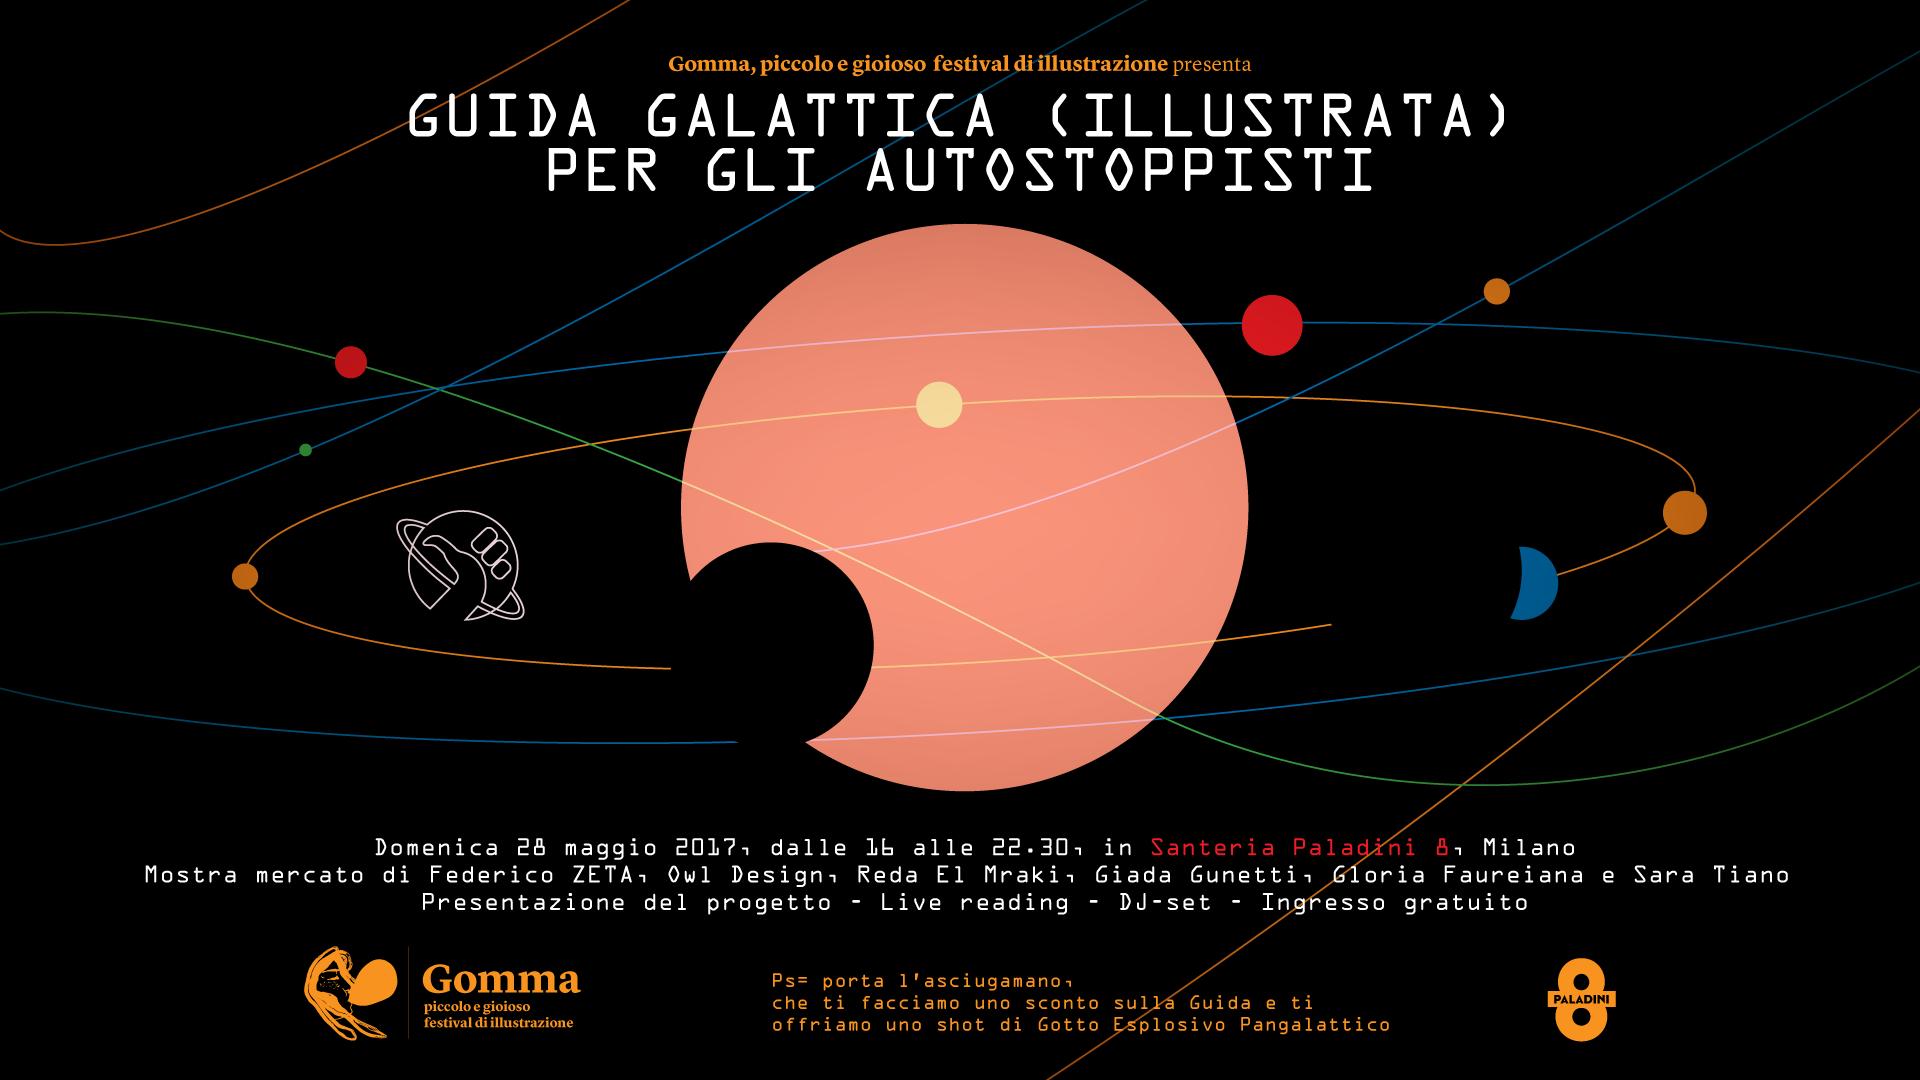 28_maggio_guida_galattica_evento